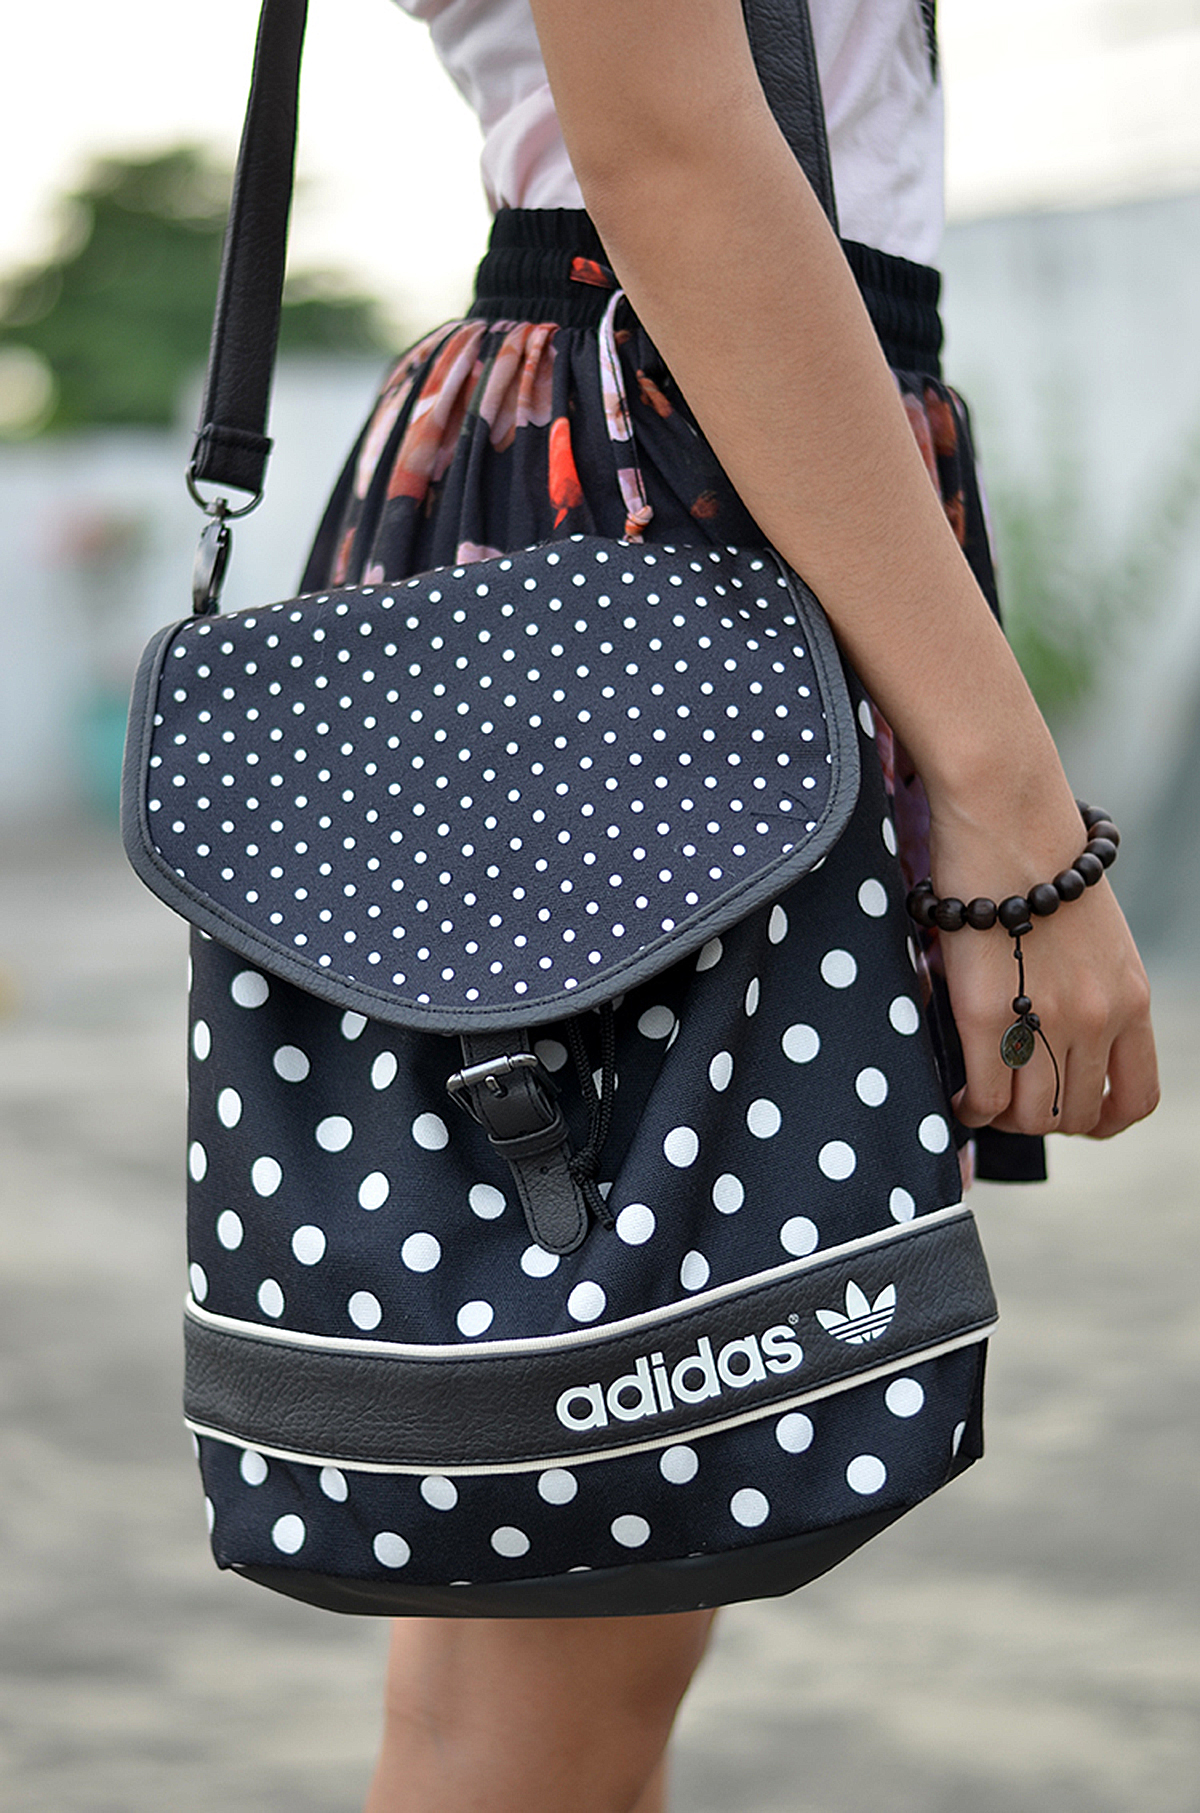 Trice Nagusara Adidas 7